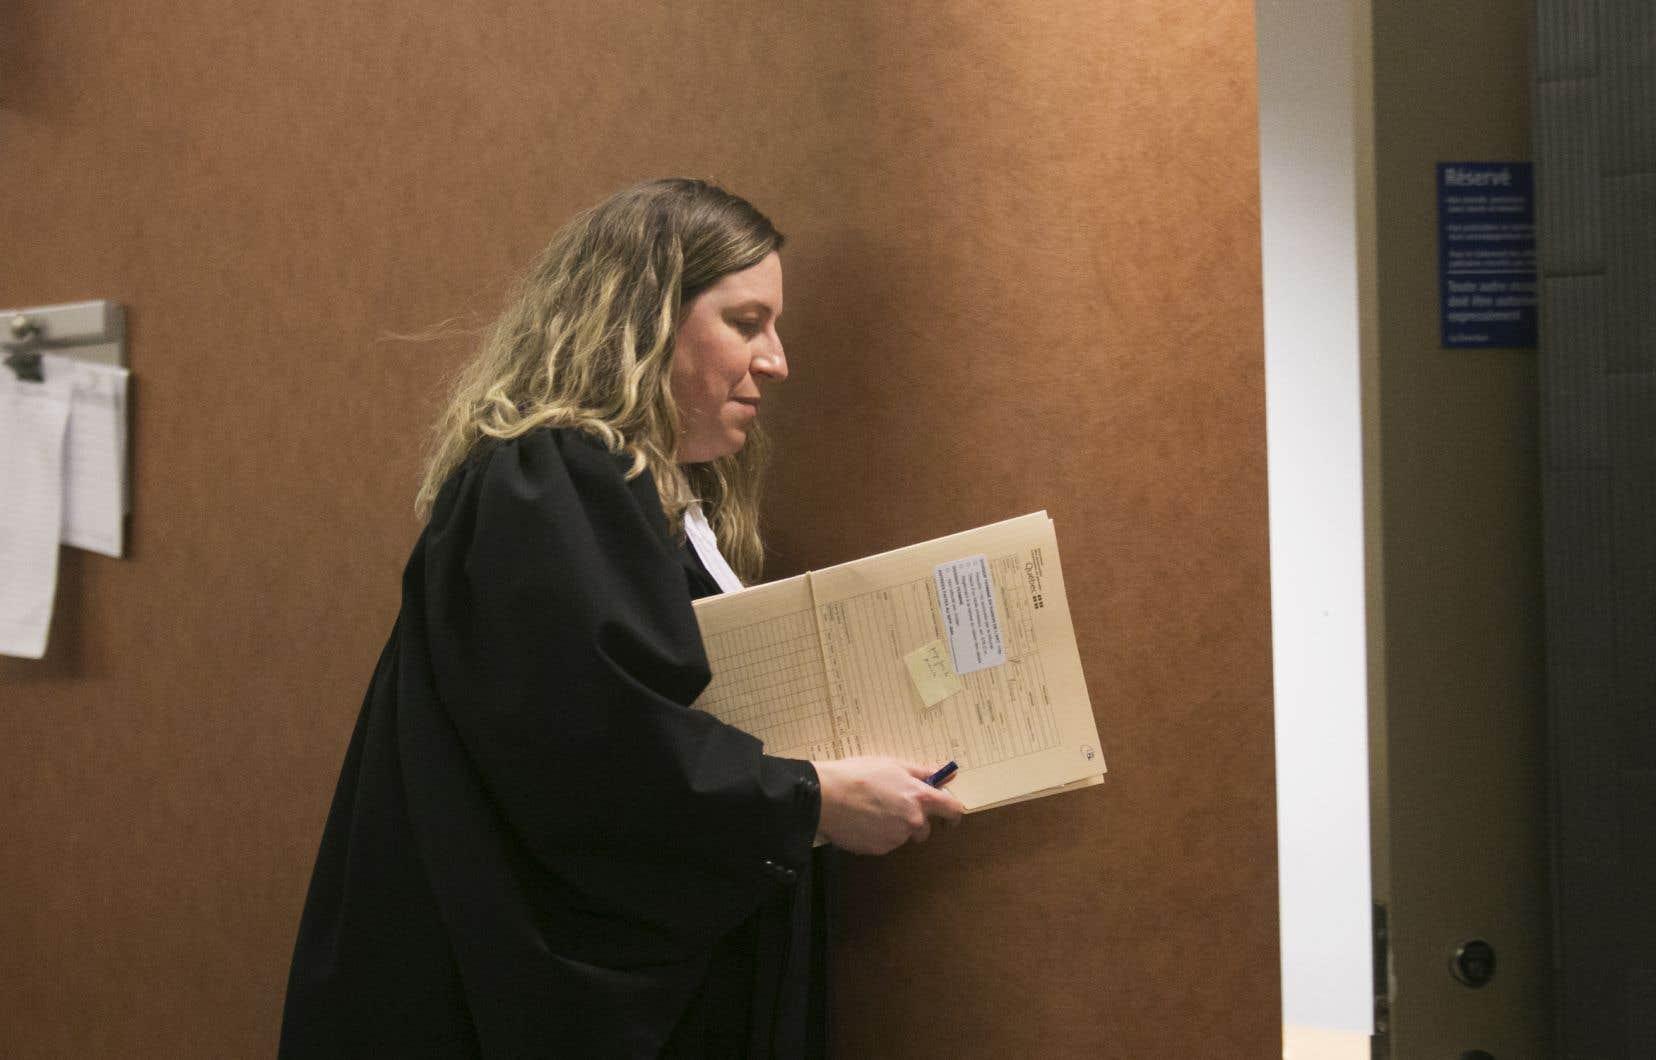 La procureure de la Couronne, MeJosiane Laplante, a fait part de son intention de s'opposer à une remise en liberté en invoquant un risque de récidive et la confiance du public envers l'administration de la justice.